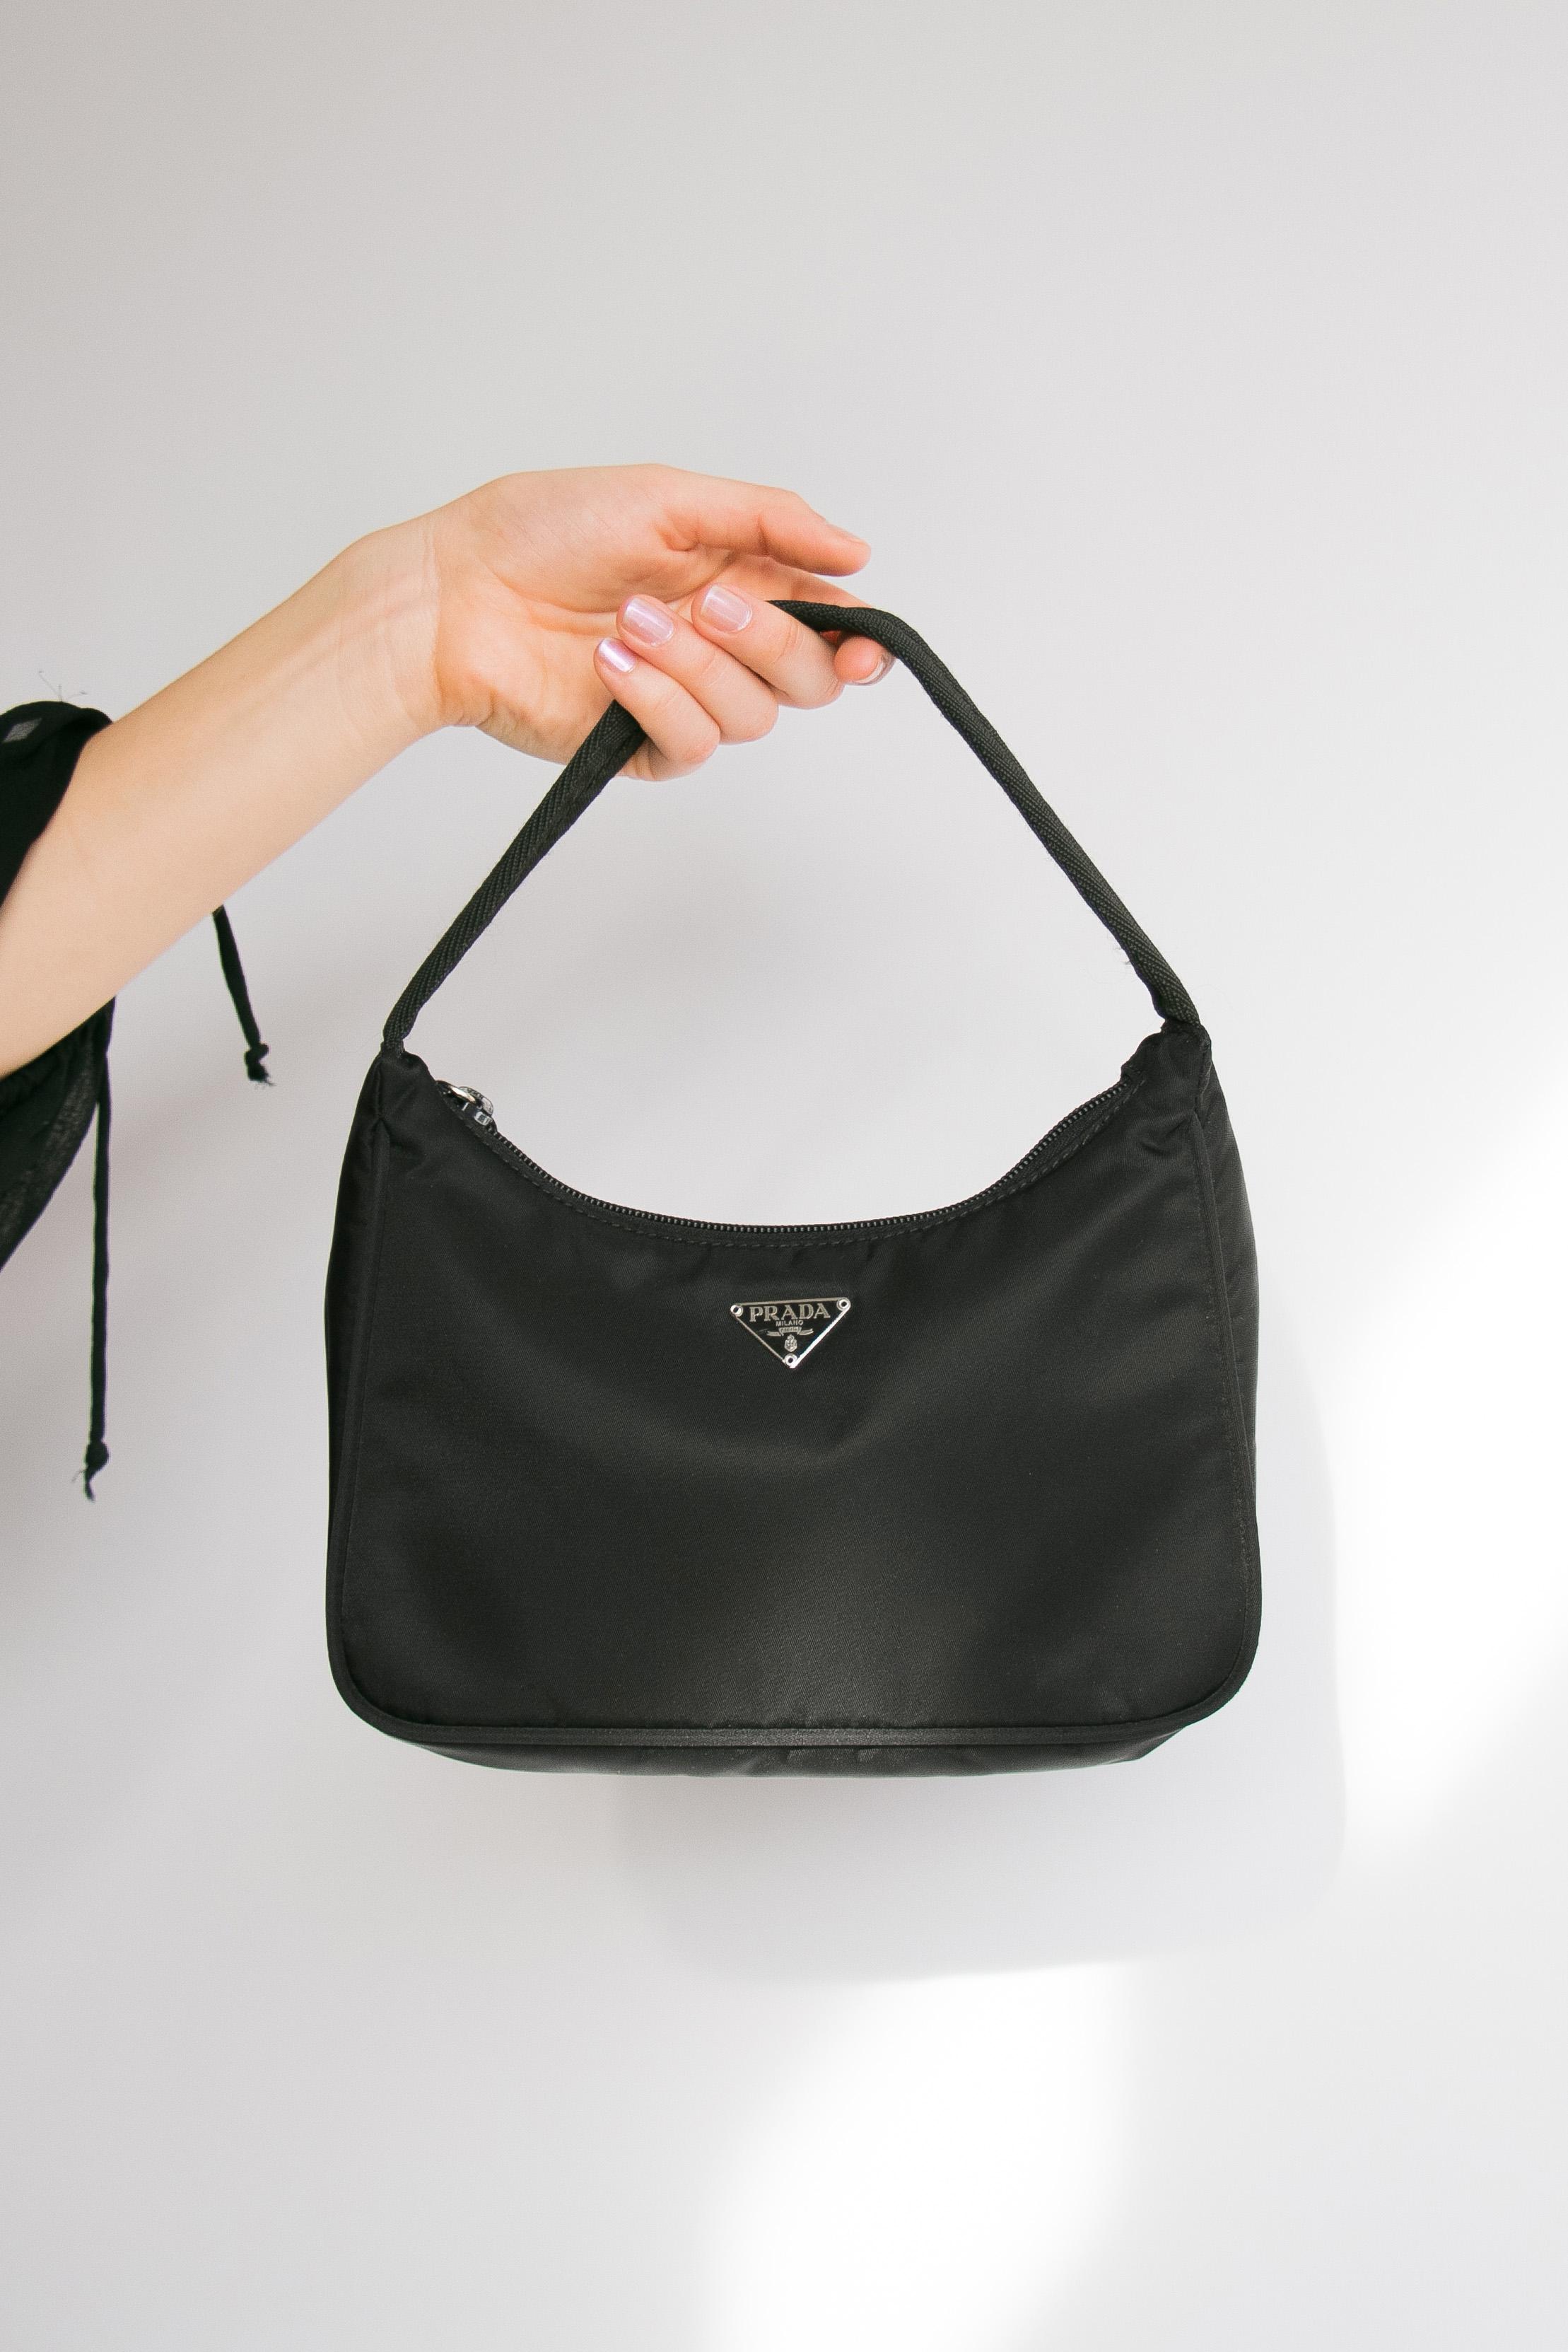 9d2976958f77 Vintage Prada Black Tessuto Sport Mini Bag — I Am That